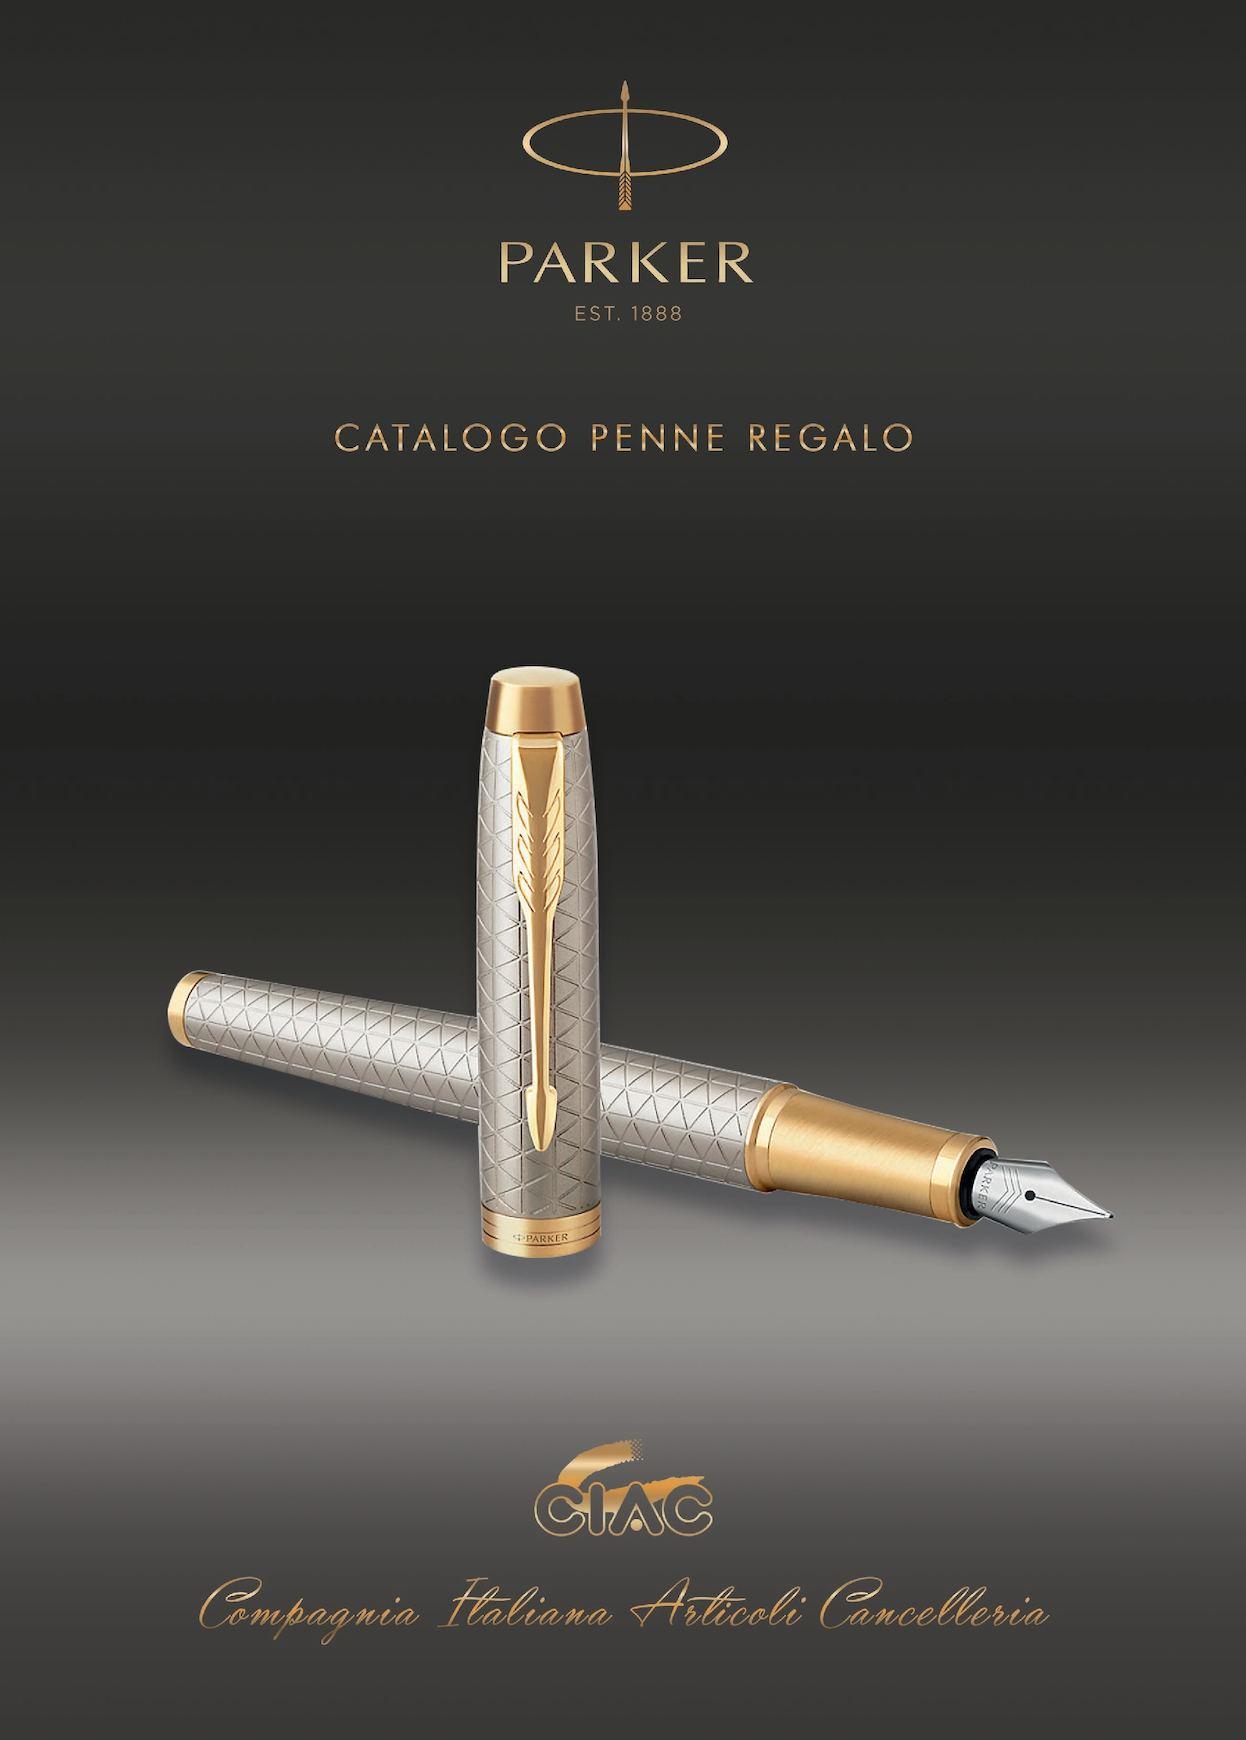 Parker Sonnet Penna Roller Confezione Regalo Pennino Sottile Acciaio Inossidabile con Finiture in Palladio